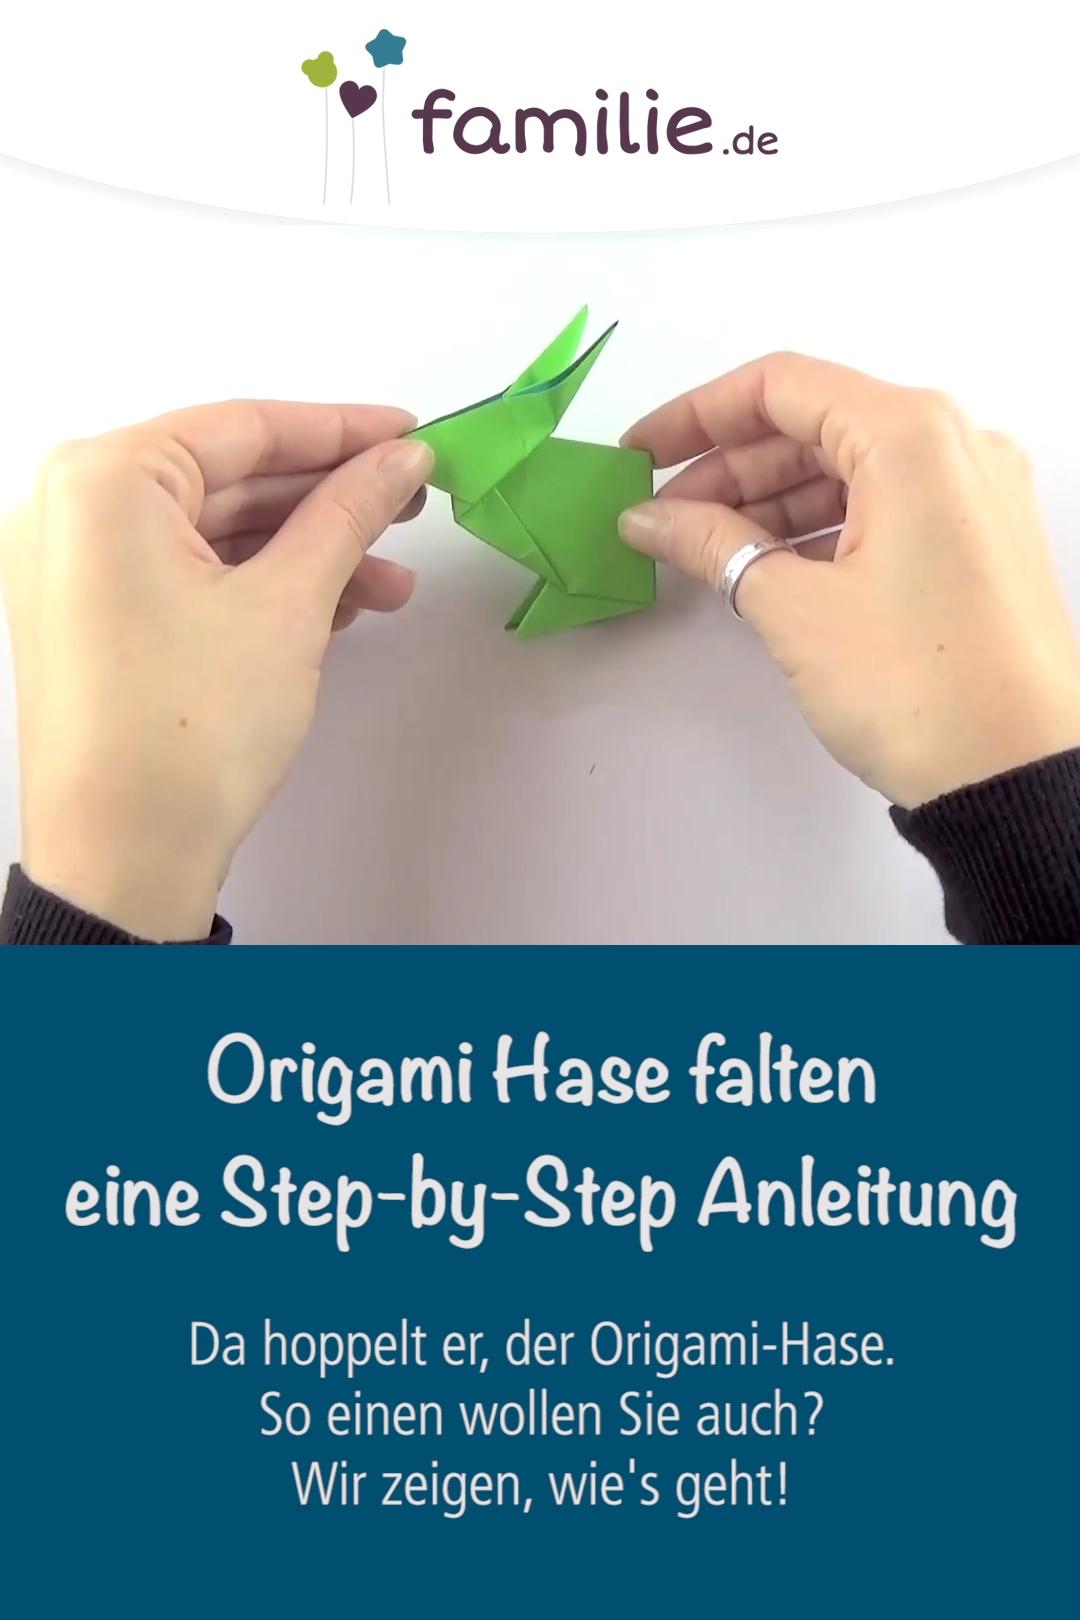 Origami Hase falten – eine Step-by-Step Anleitung